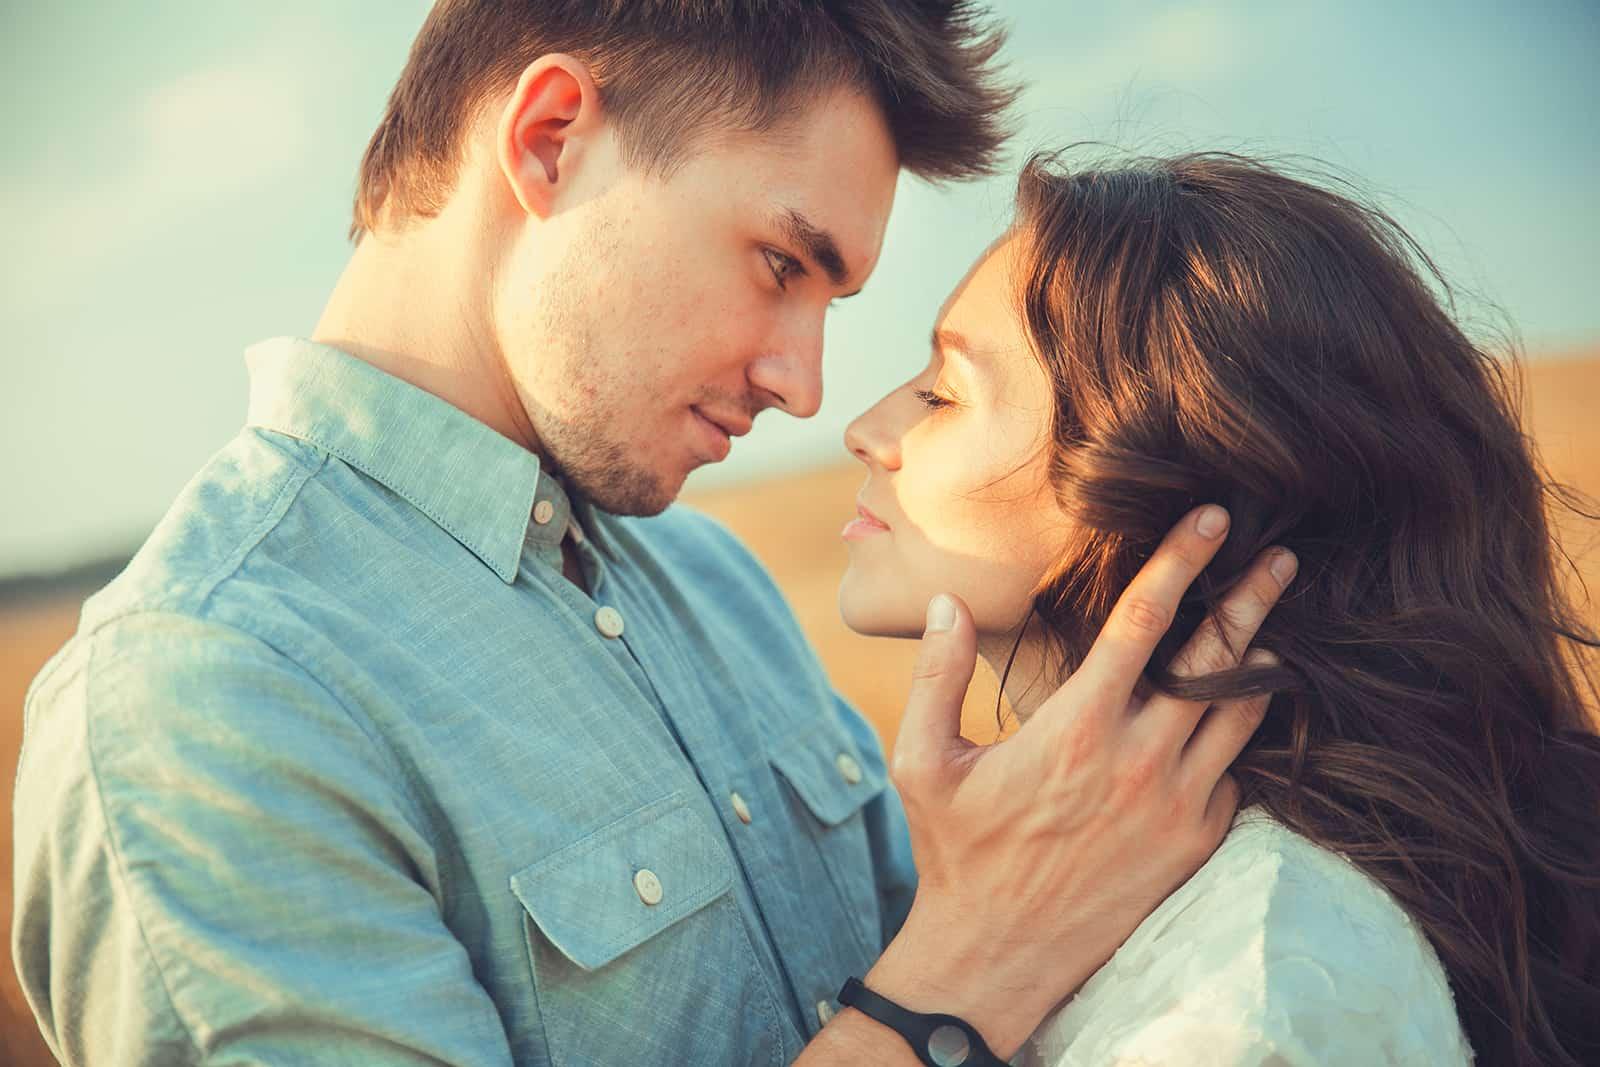 un homme et une femme souriant et se regardant sur le point de s'embrasser